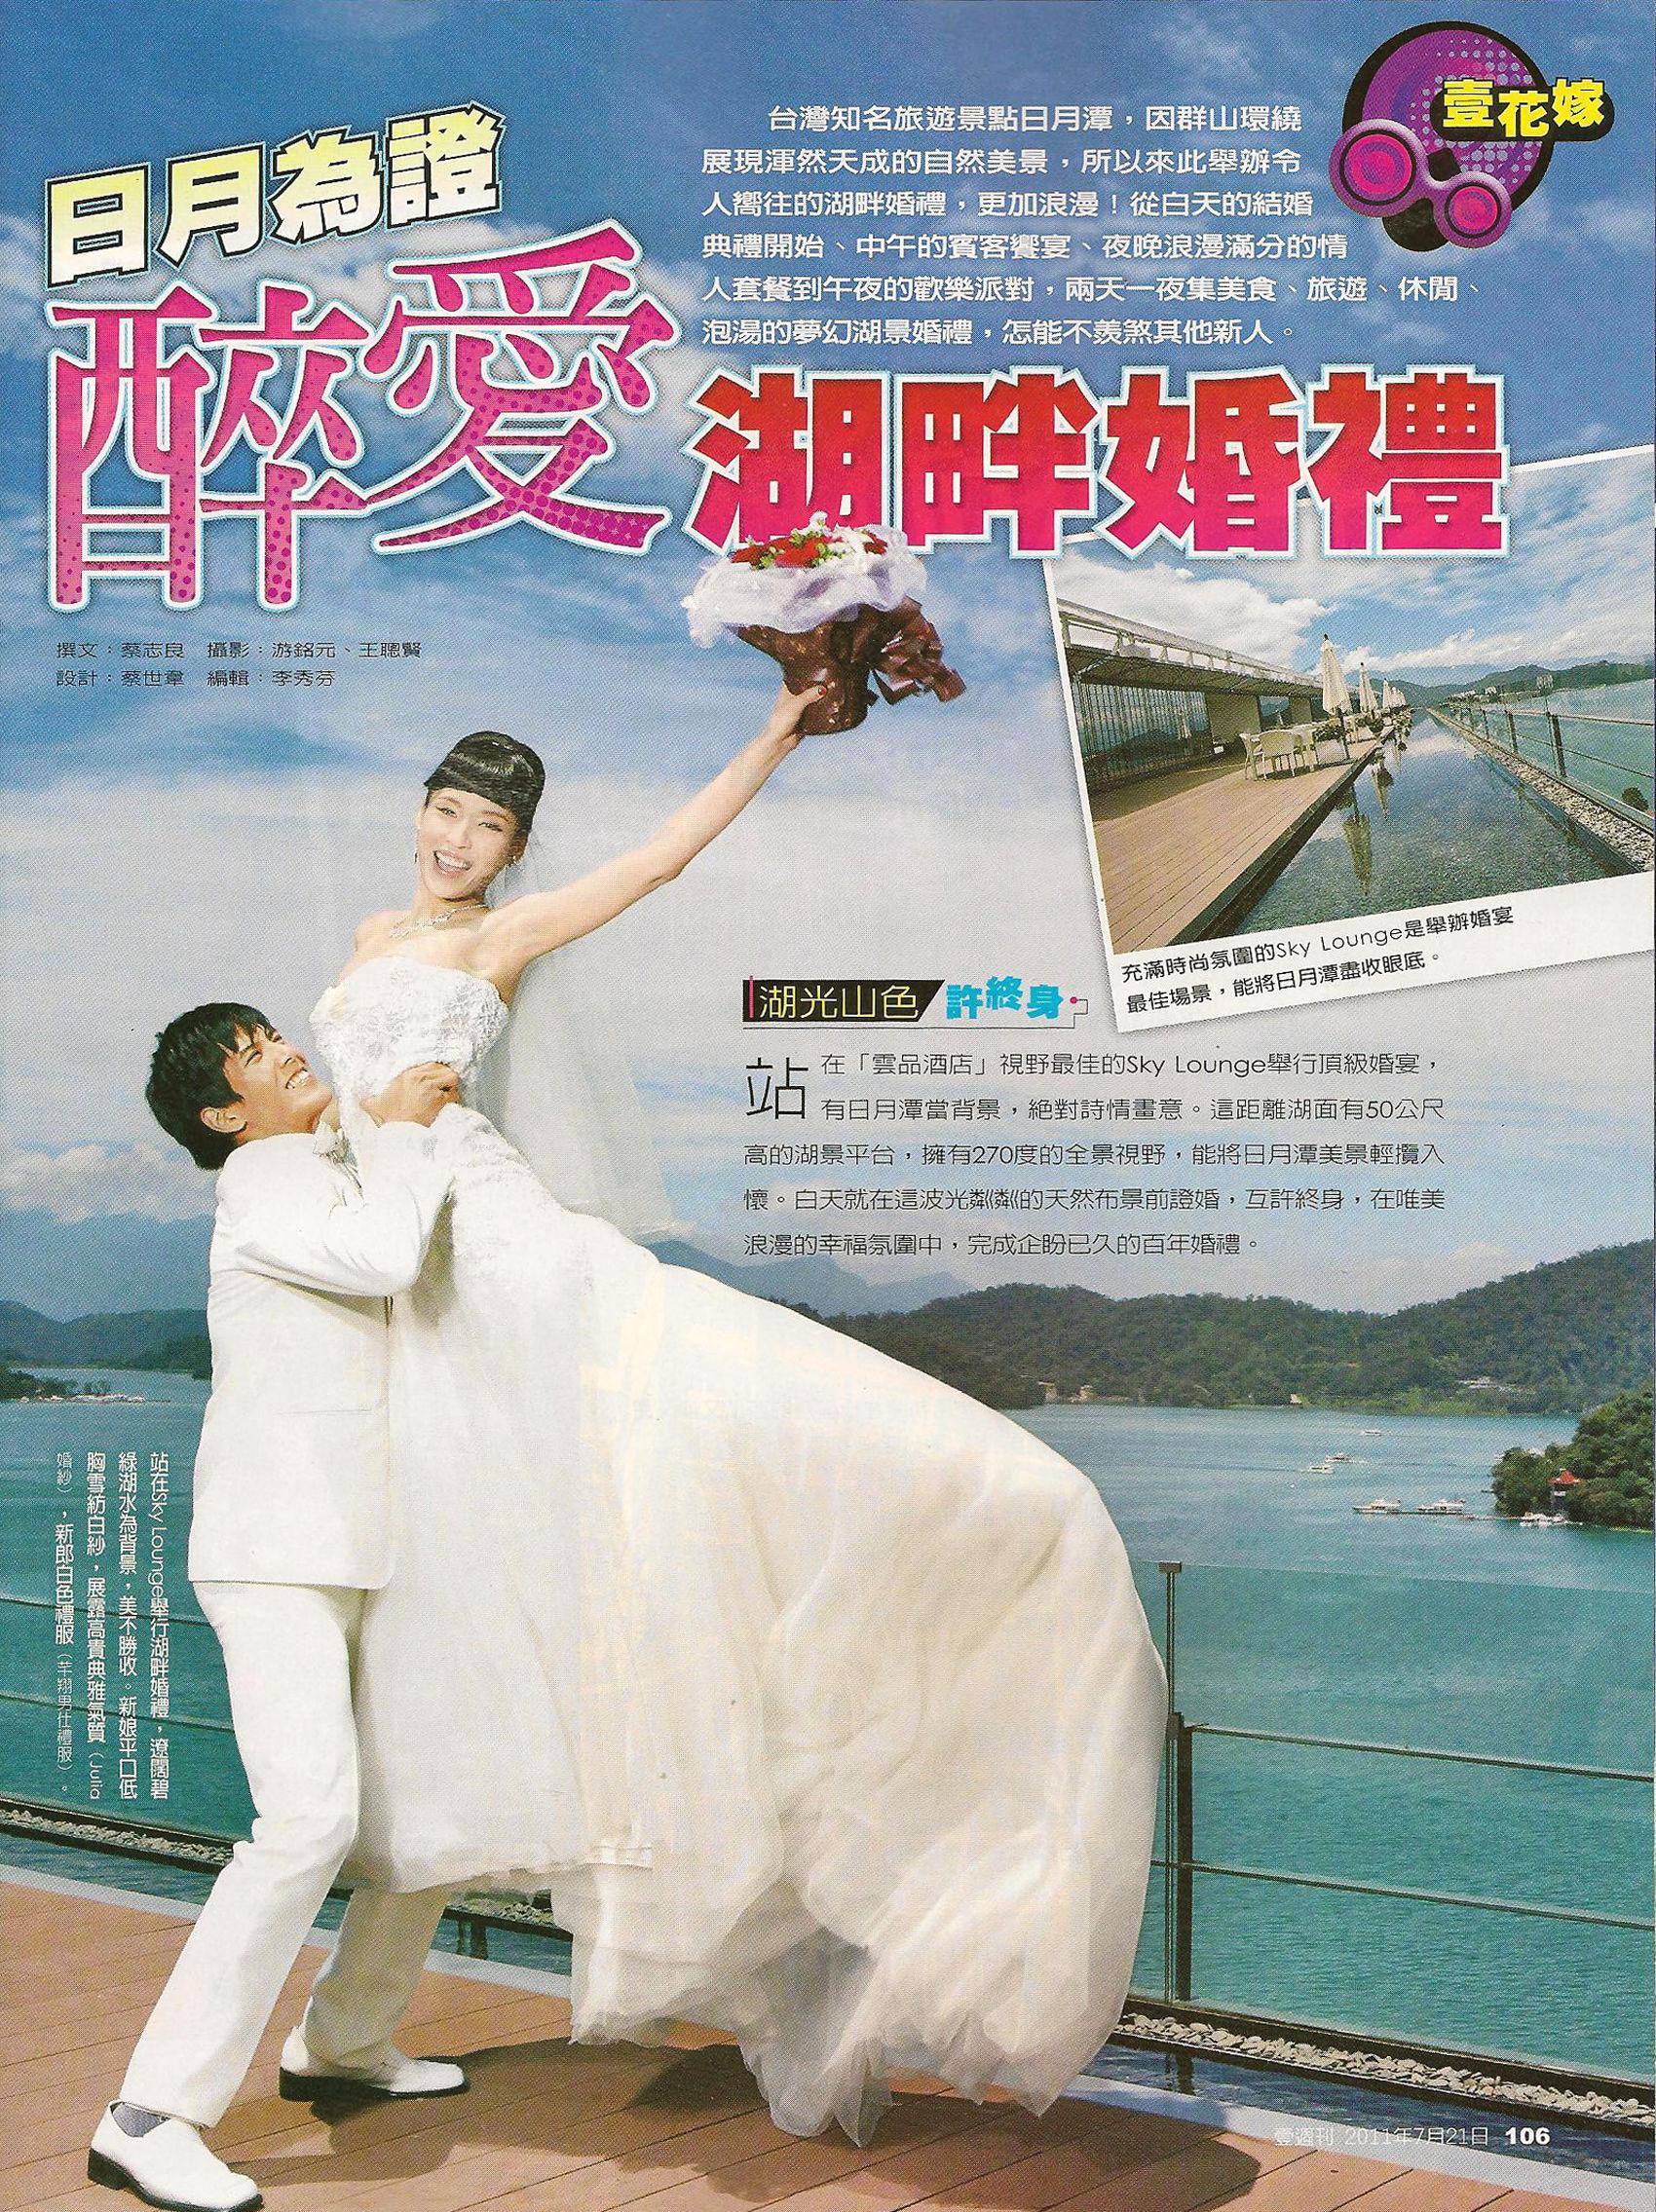 資料來源:壹週刊_醉愛-湖畔婚禮